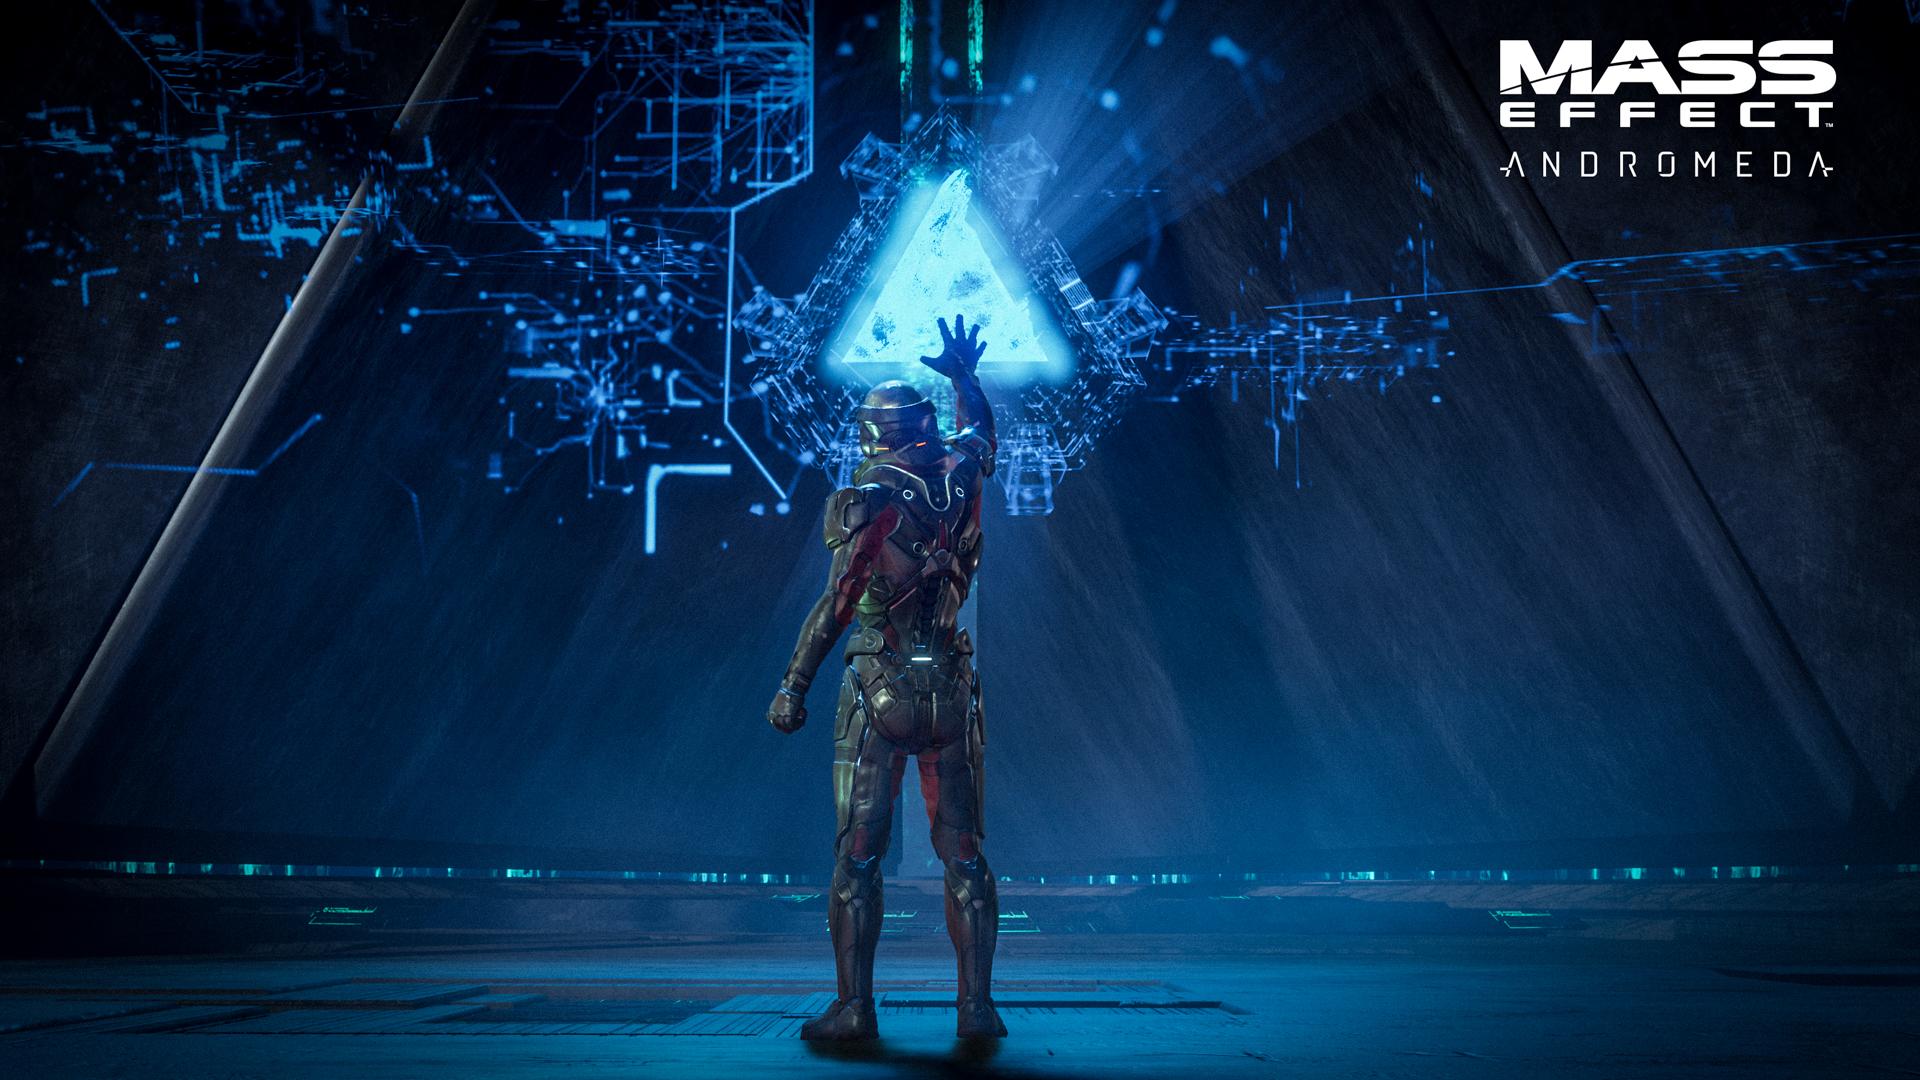 4k Mass Effect Wallpapers Trumpwallpapers